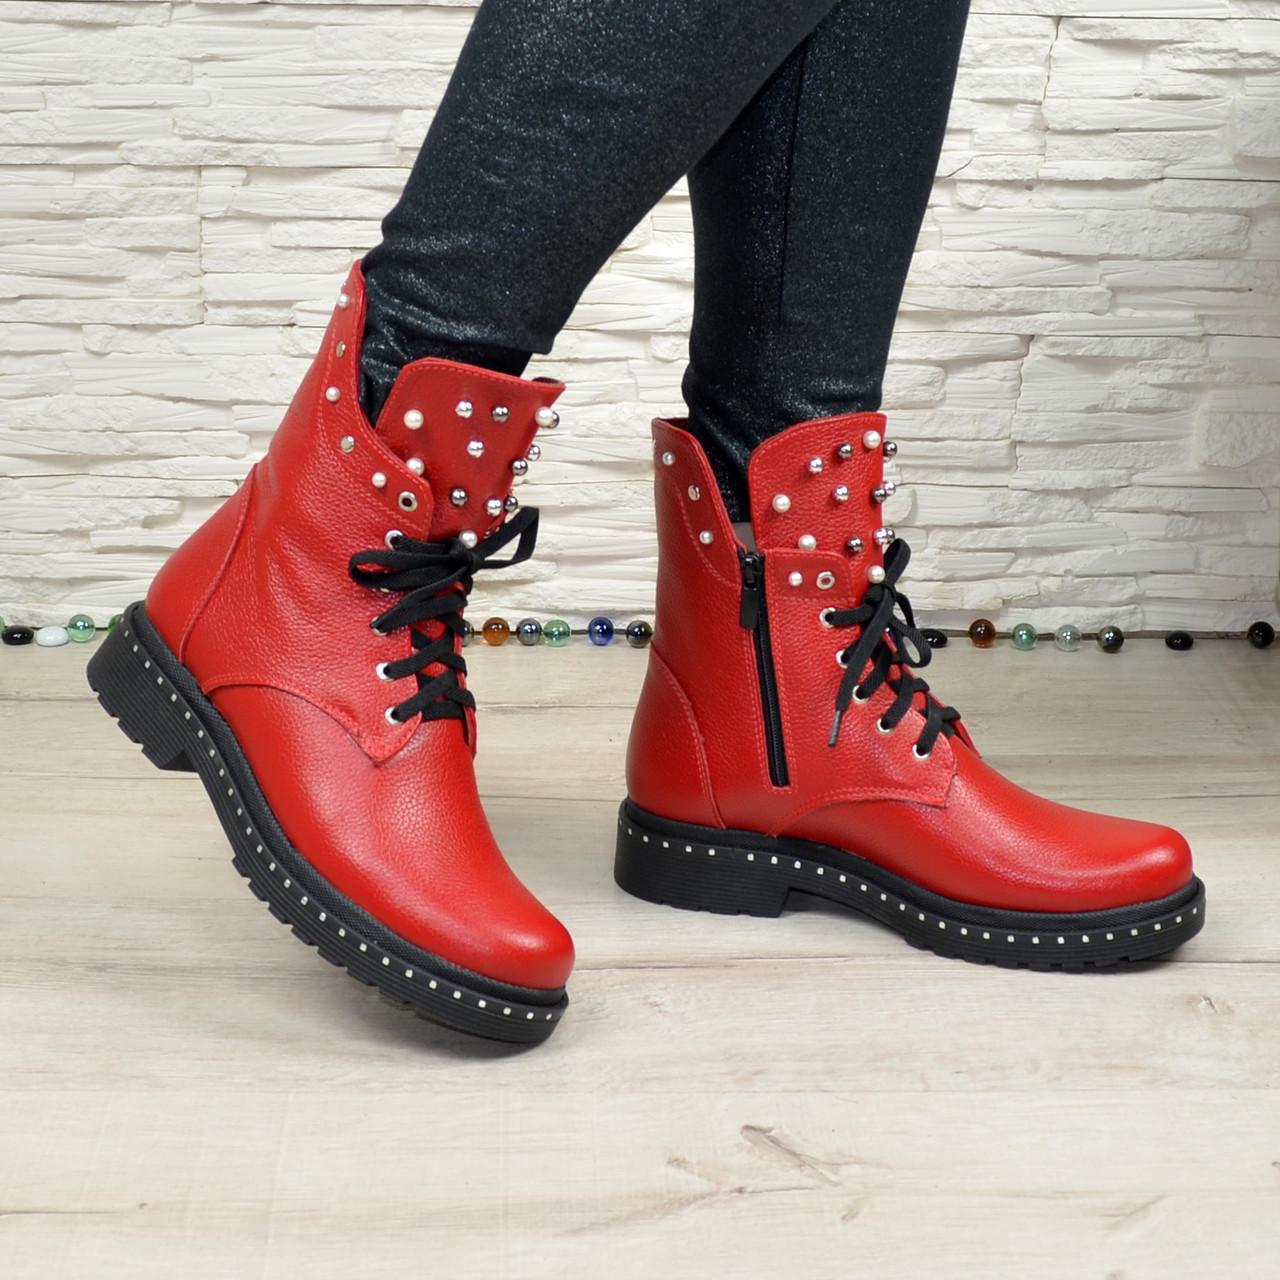 Ботинки на утолщенной подошве, на шнурках, из натуральной кожи флотар красного цвета